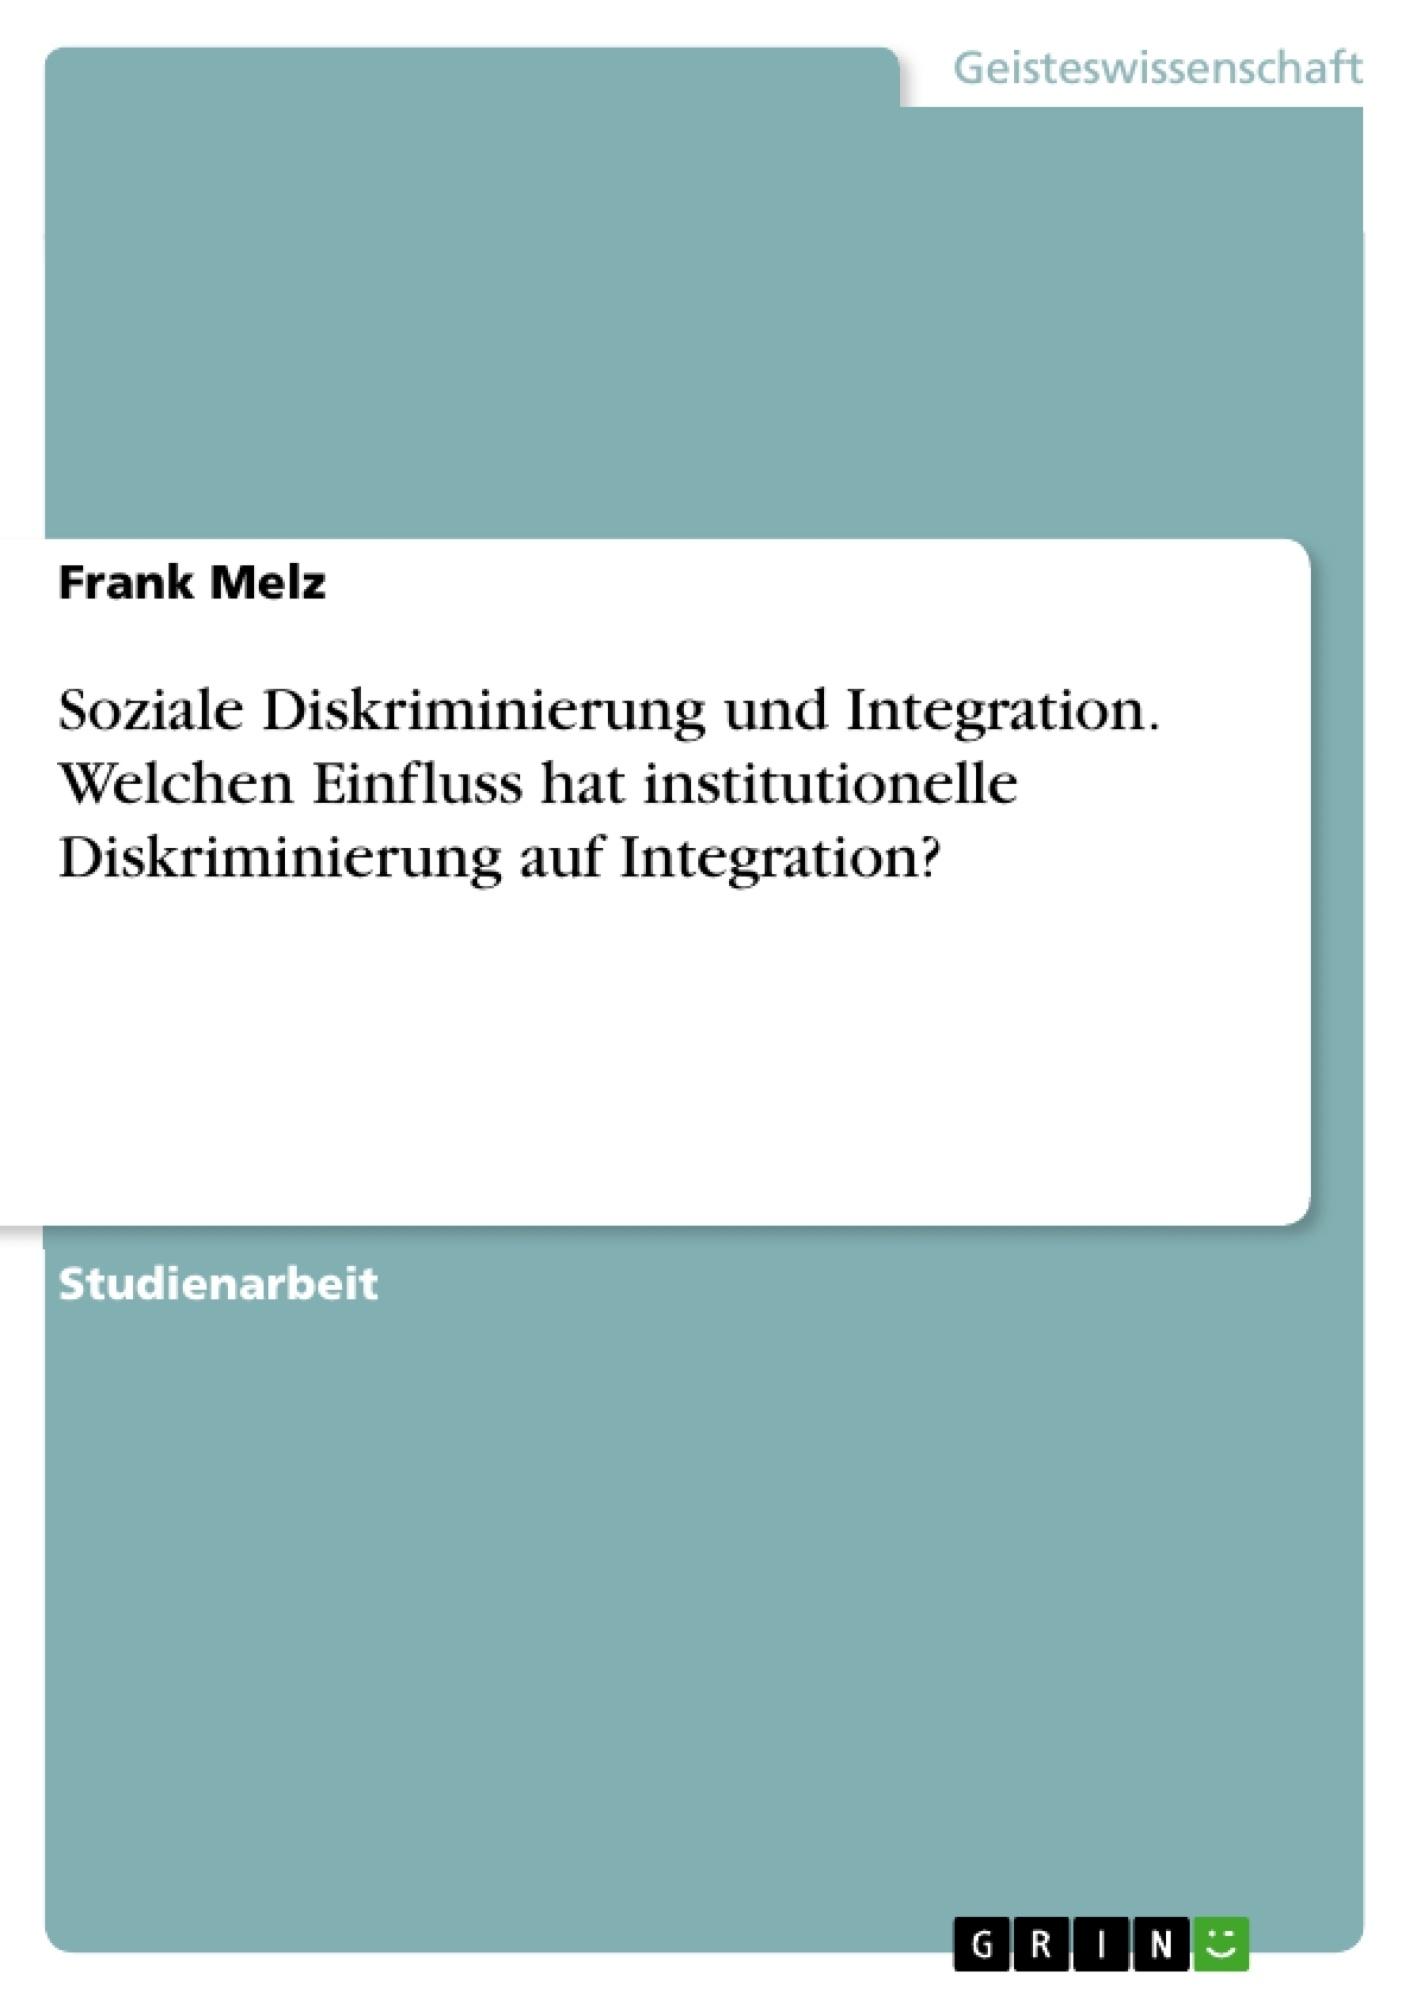 Titel: Soziale Diskriminierung und Integration. Welchen Einfluss hat institutionelle Diskriminierung auf Integration?